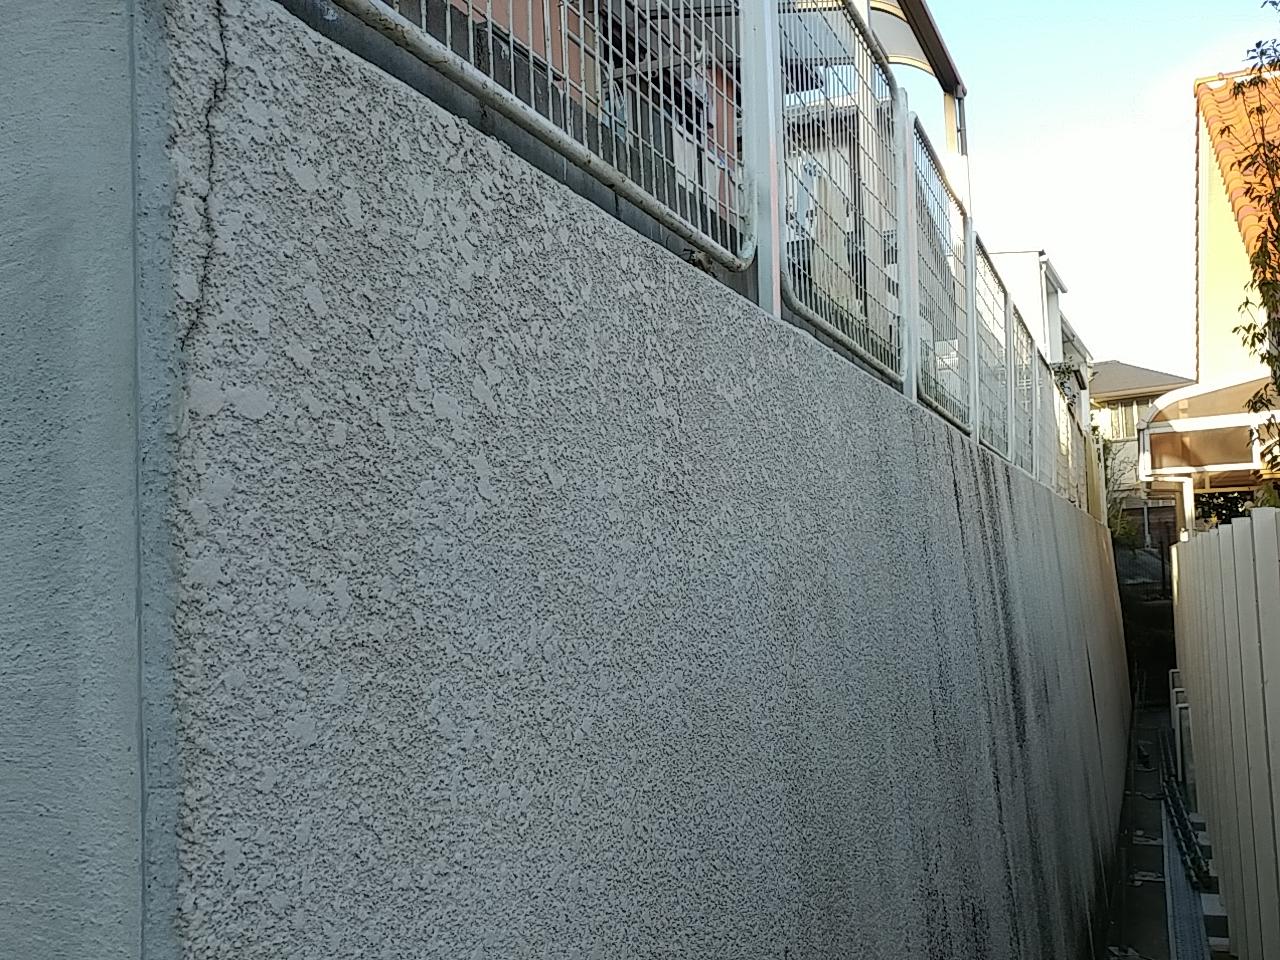 吹田市で擁壁の改修工事を行っています